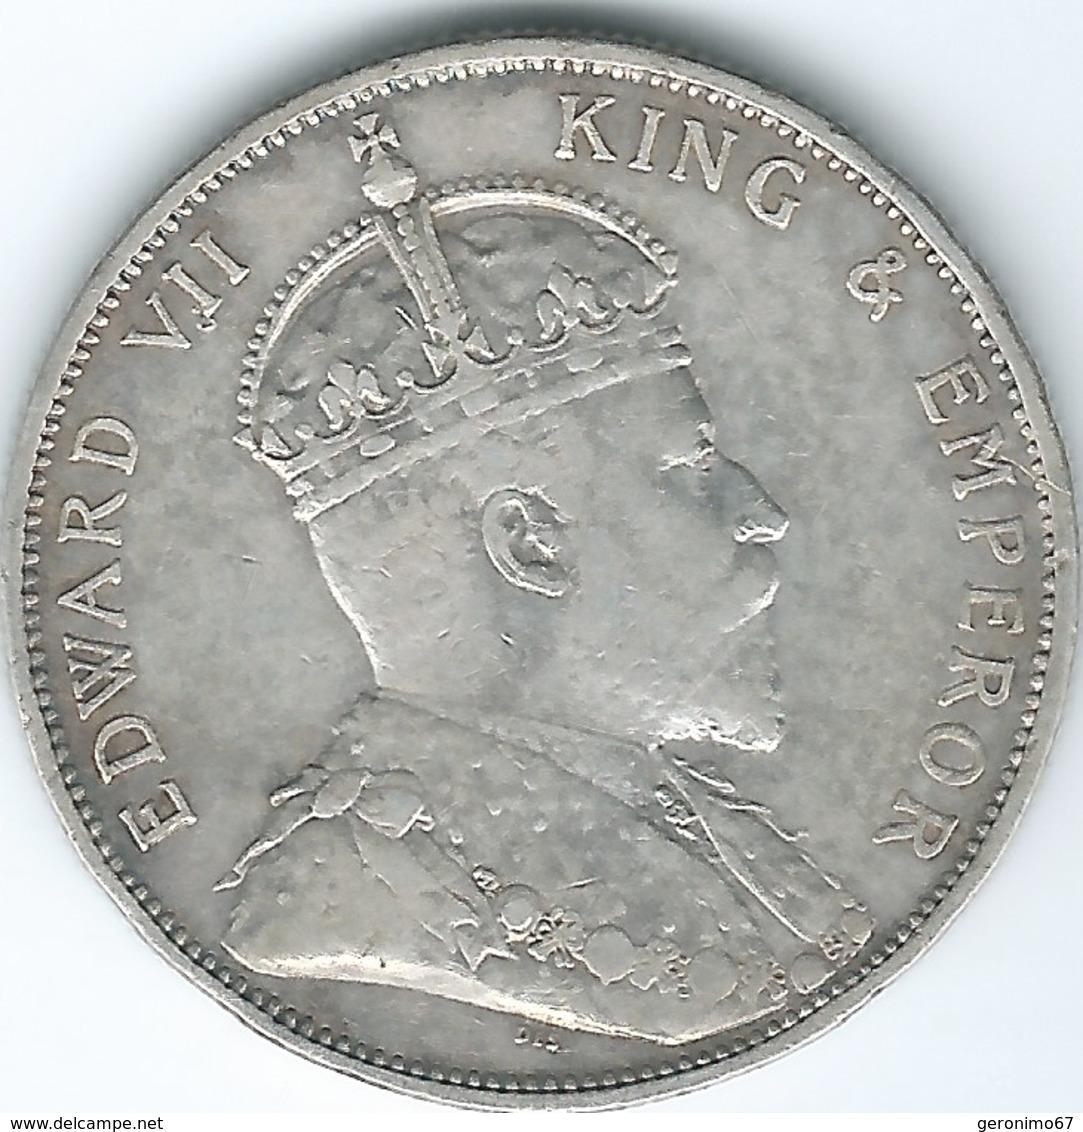 Hong Kong - Edward VII - 50 Cents - 1902 (KM15) Only 100,000 Minted - Hong Kong